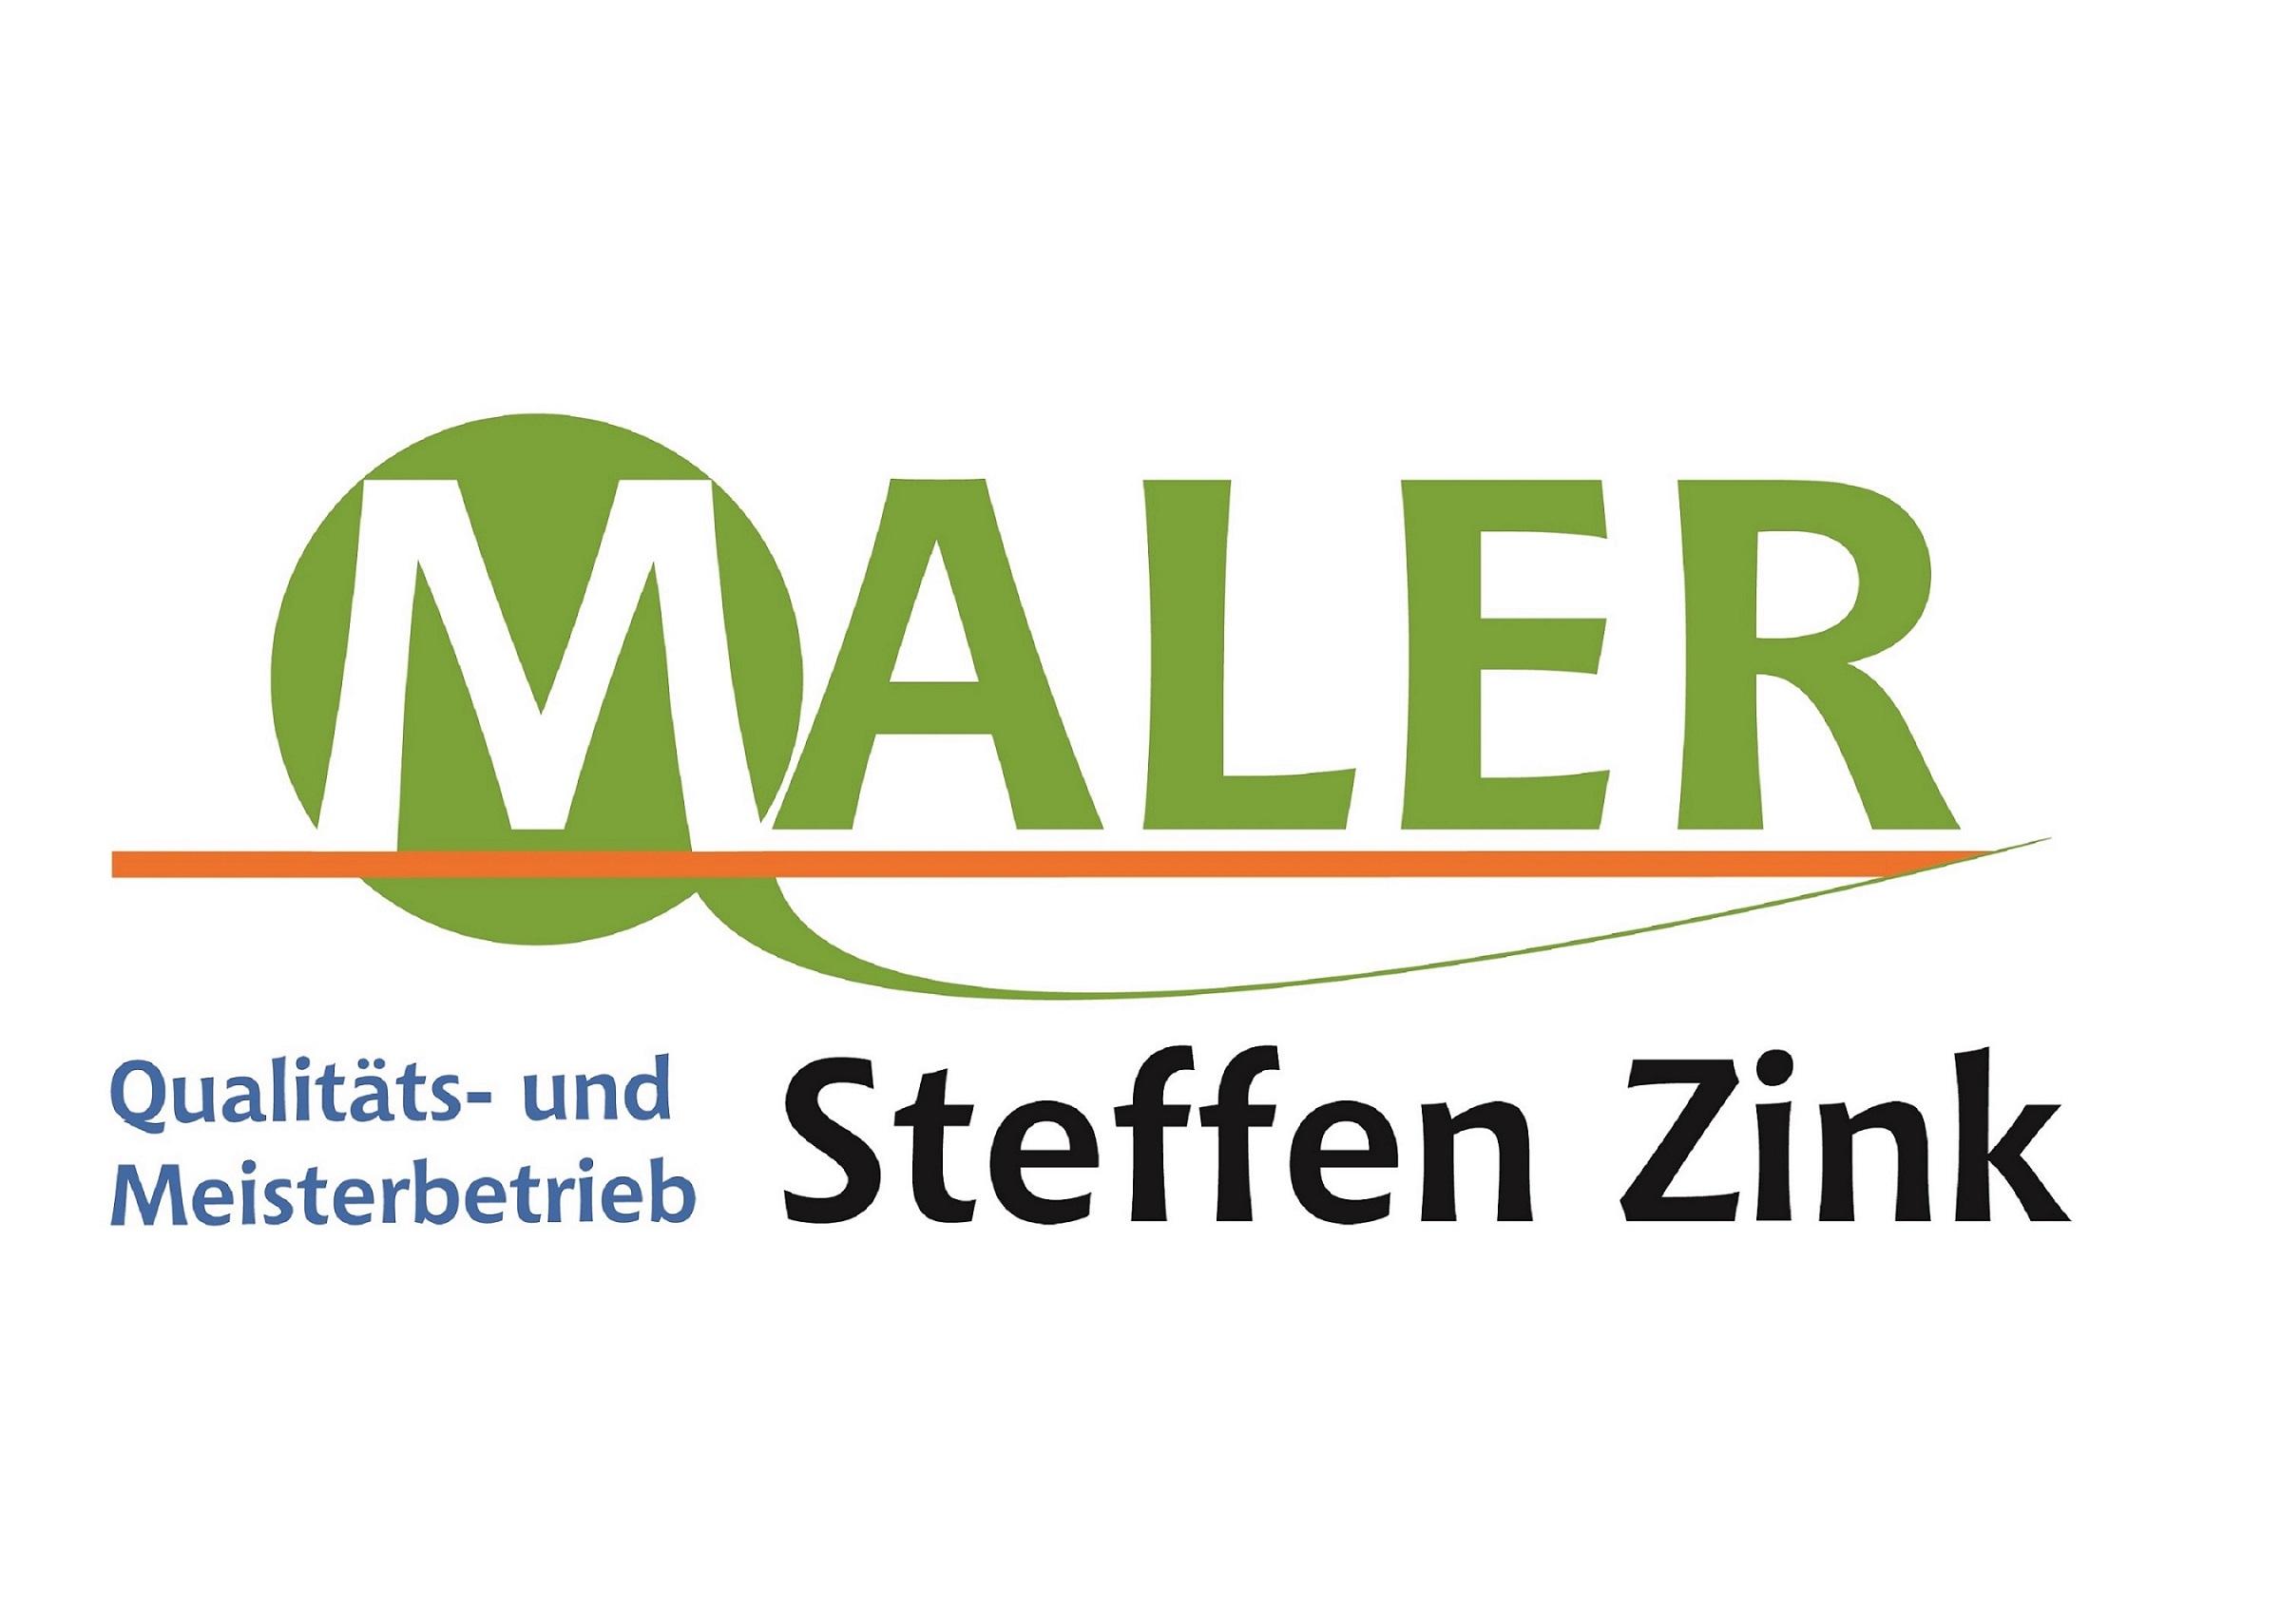 Maler Steffen Zink, Qualitäts- und Meisterbetrieb